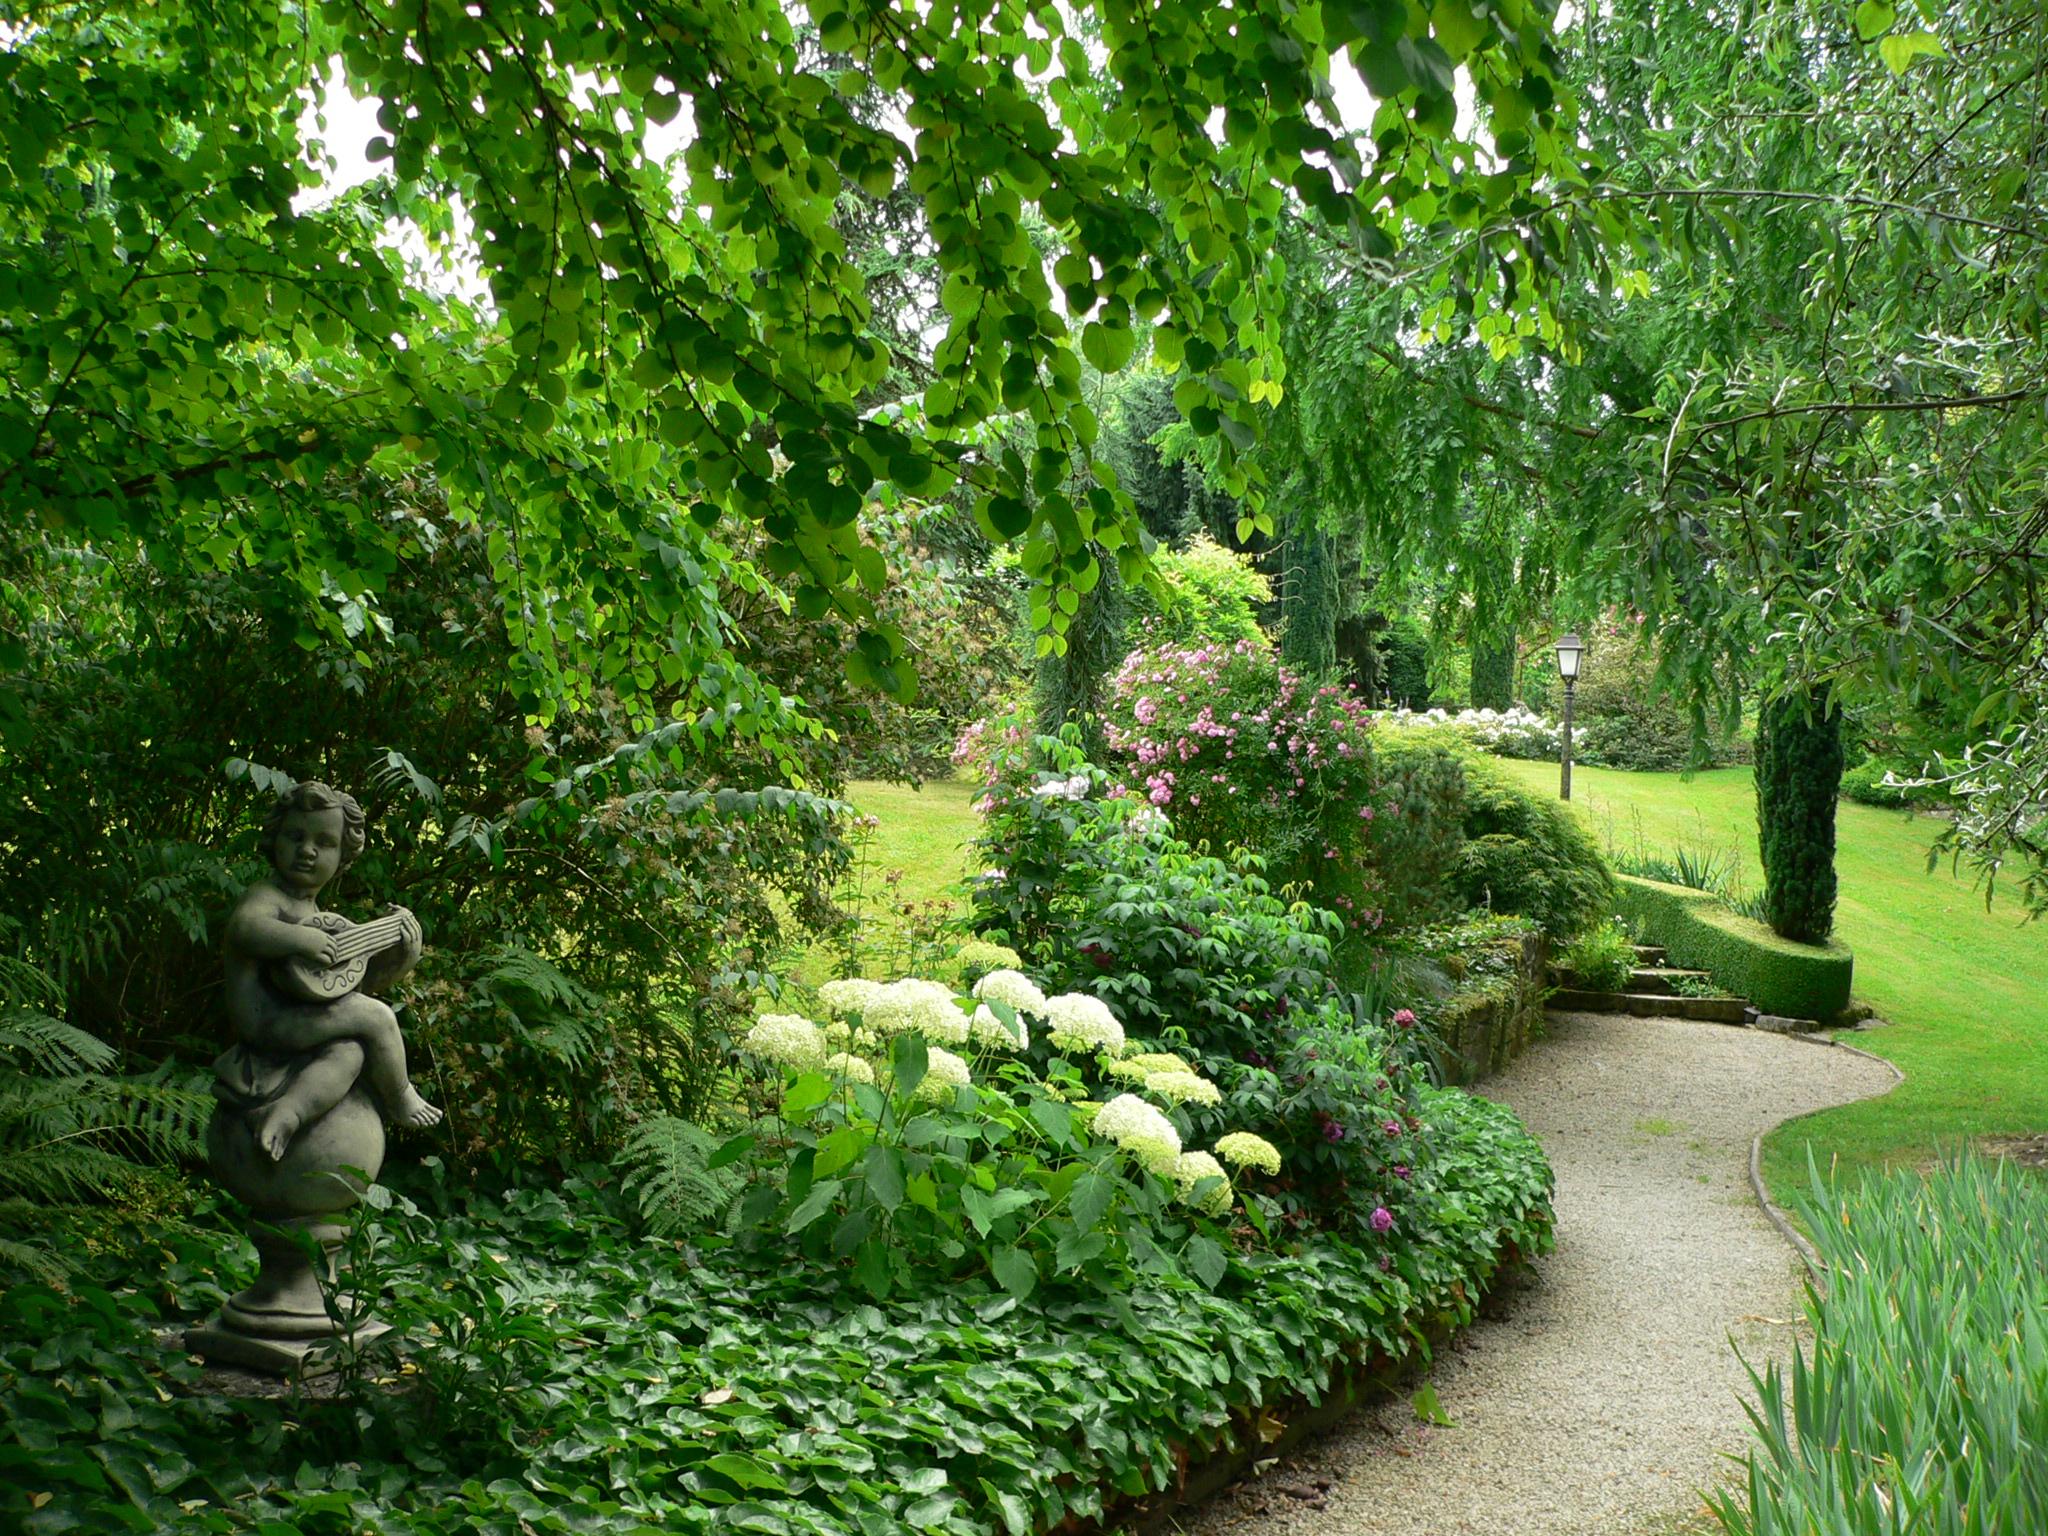 Les jardins remarquables en alsace minist re de la culture for Jardin remarquable